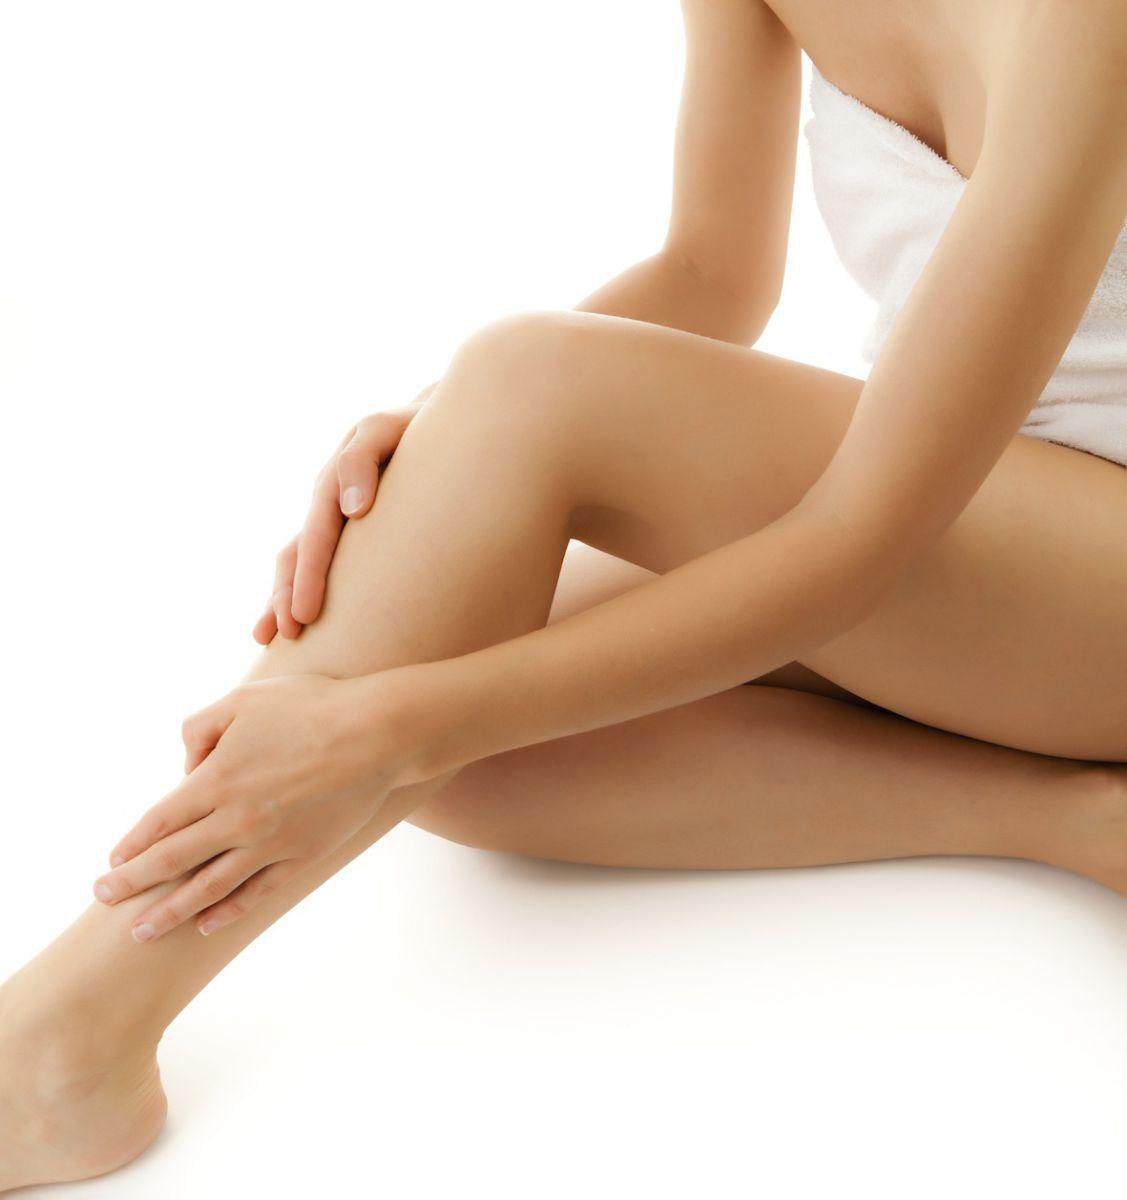 hogyan lehet segíteni a fájó lábakat a visszérben a lábak varikózisának lézeres kezelése